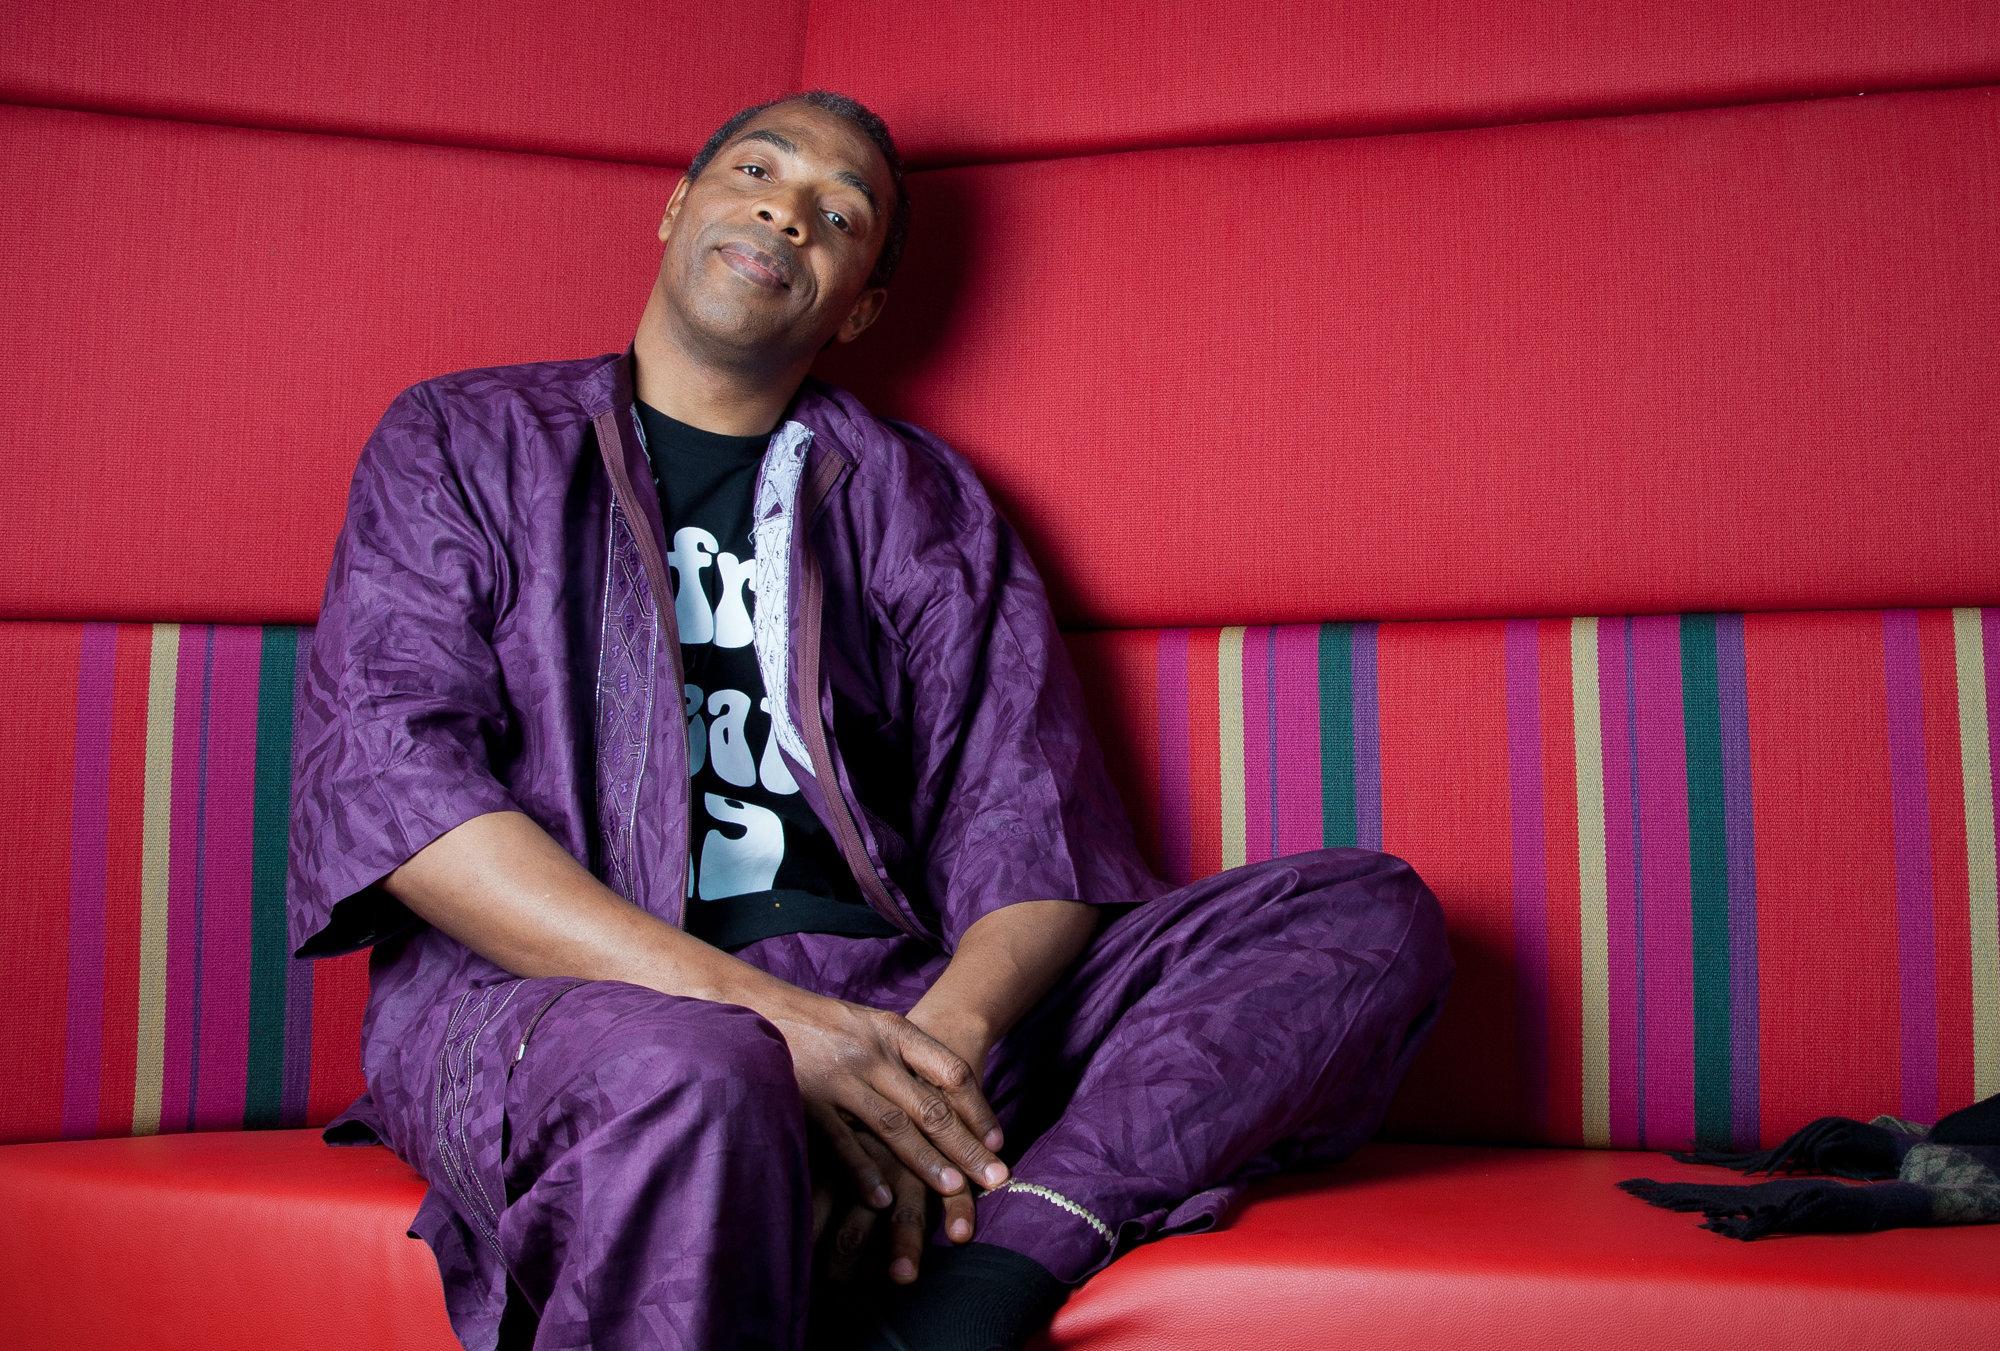 Femi Kuti, son of Fela Kuti, Musician